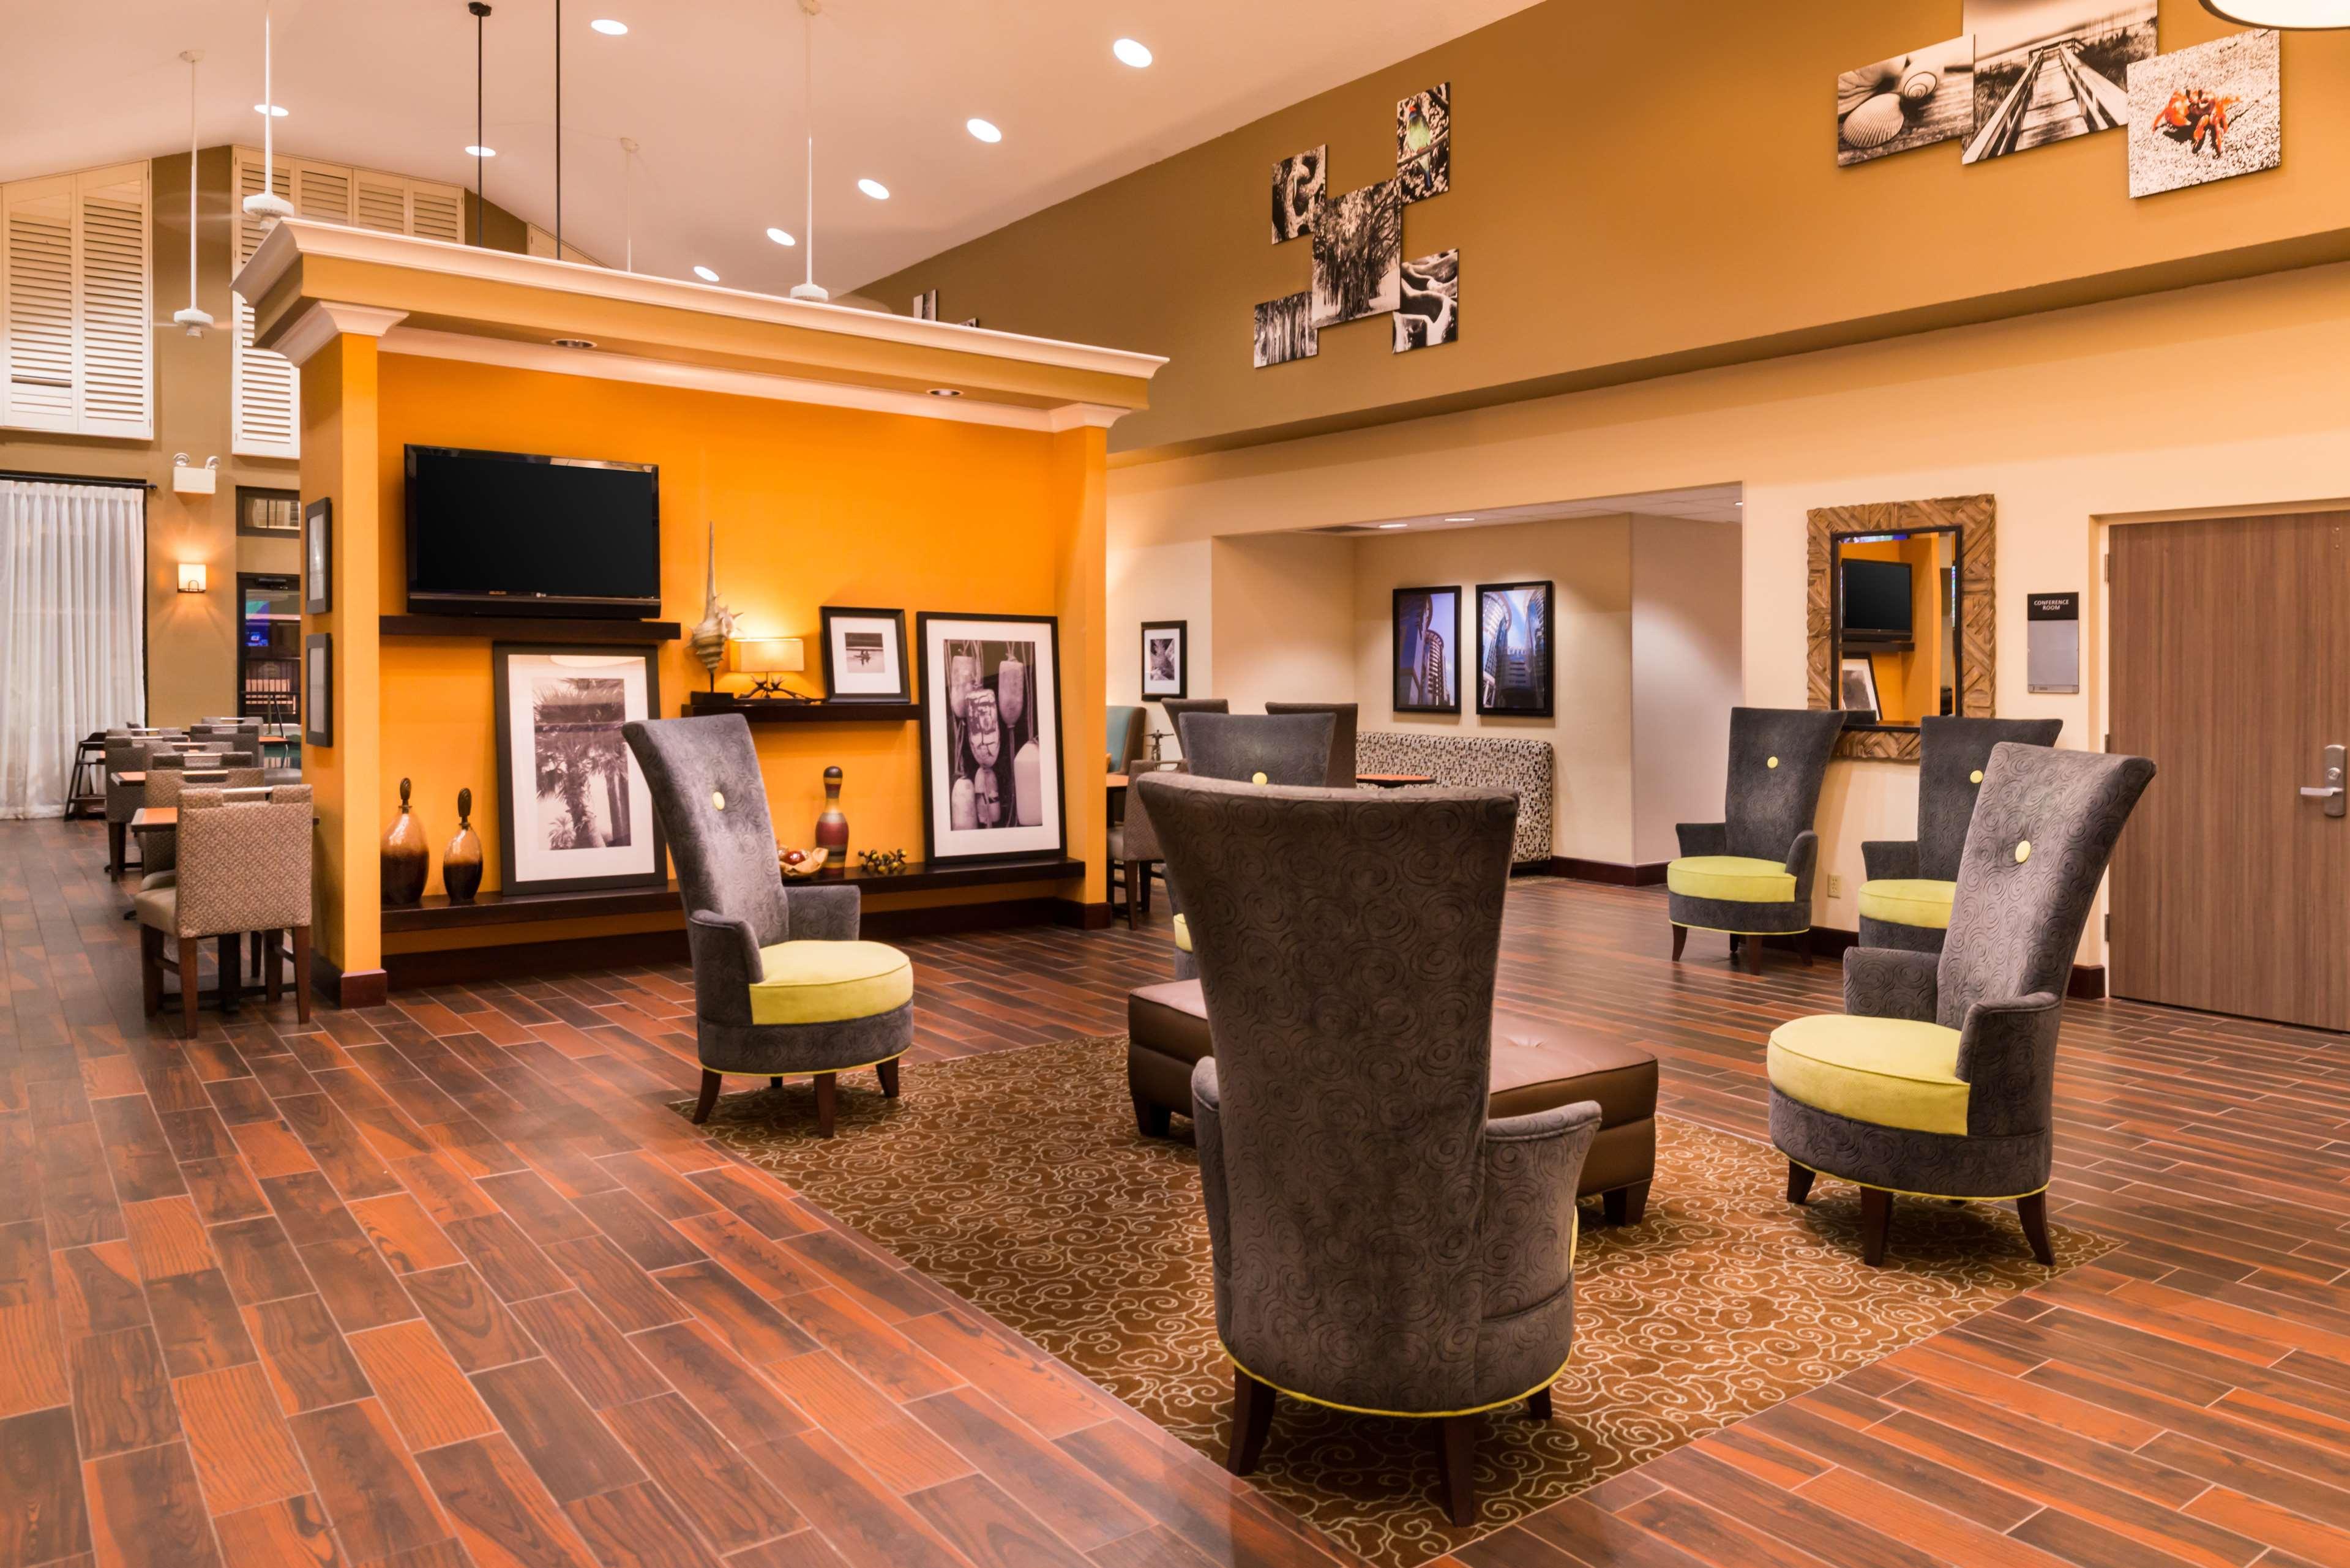 Hampton Inn & Suites Orlando/East UCF Area image 3